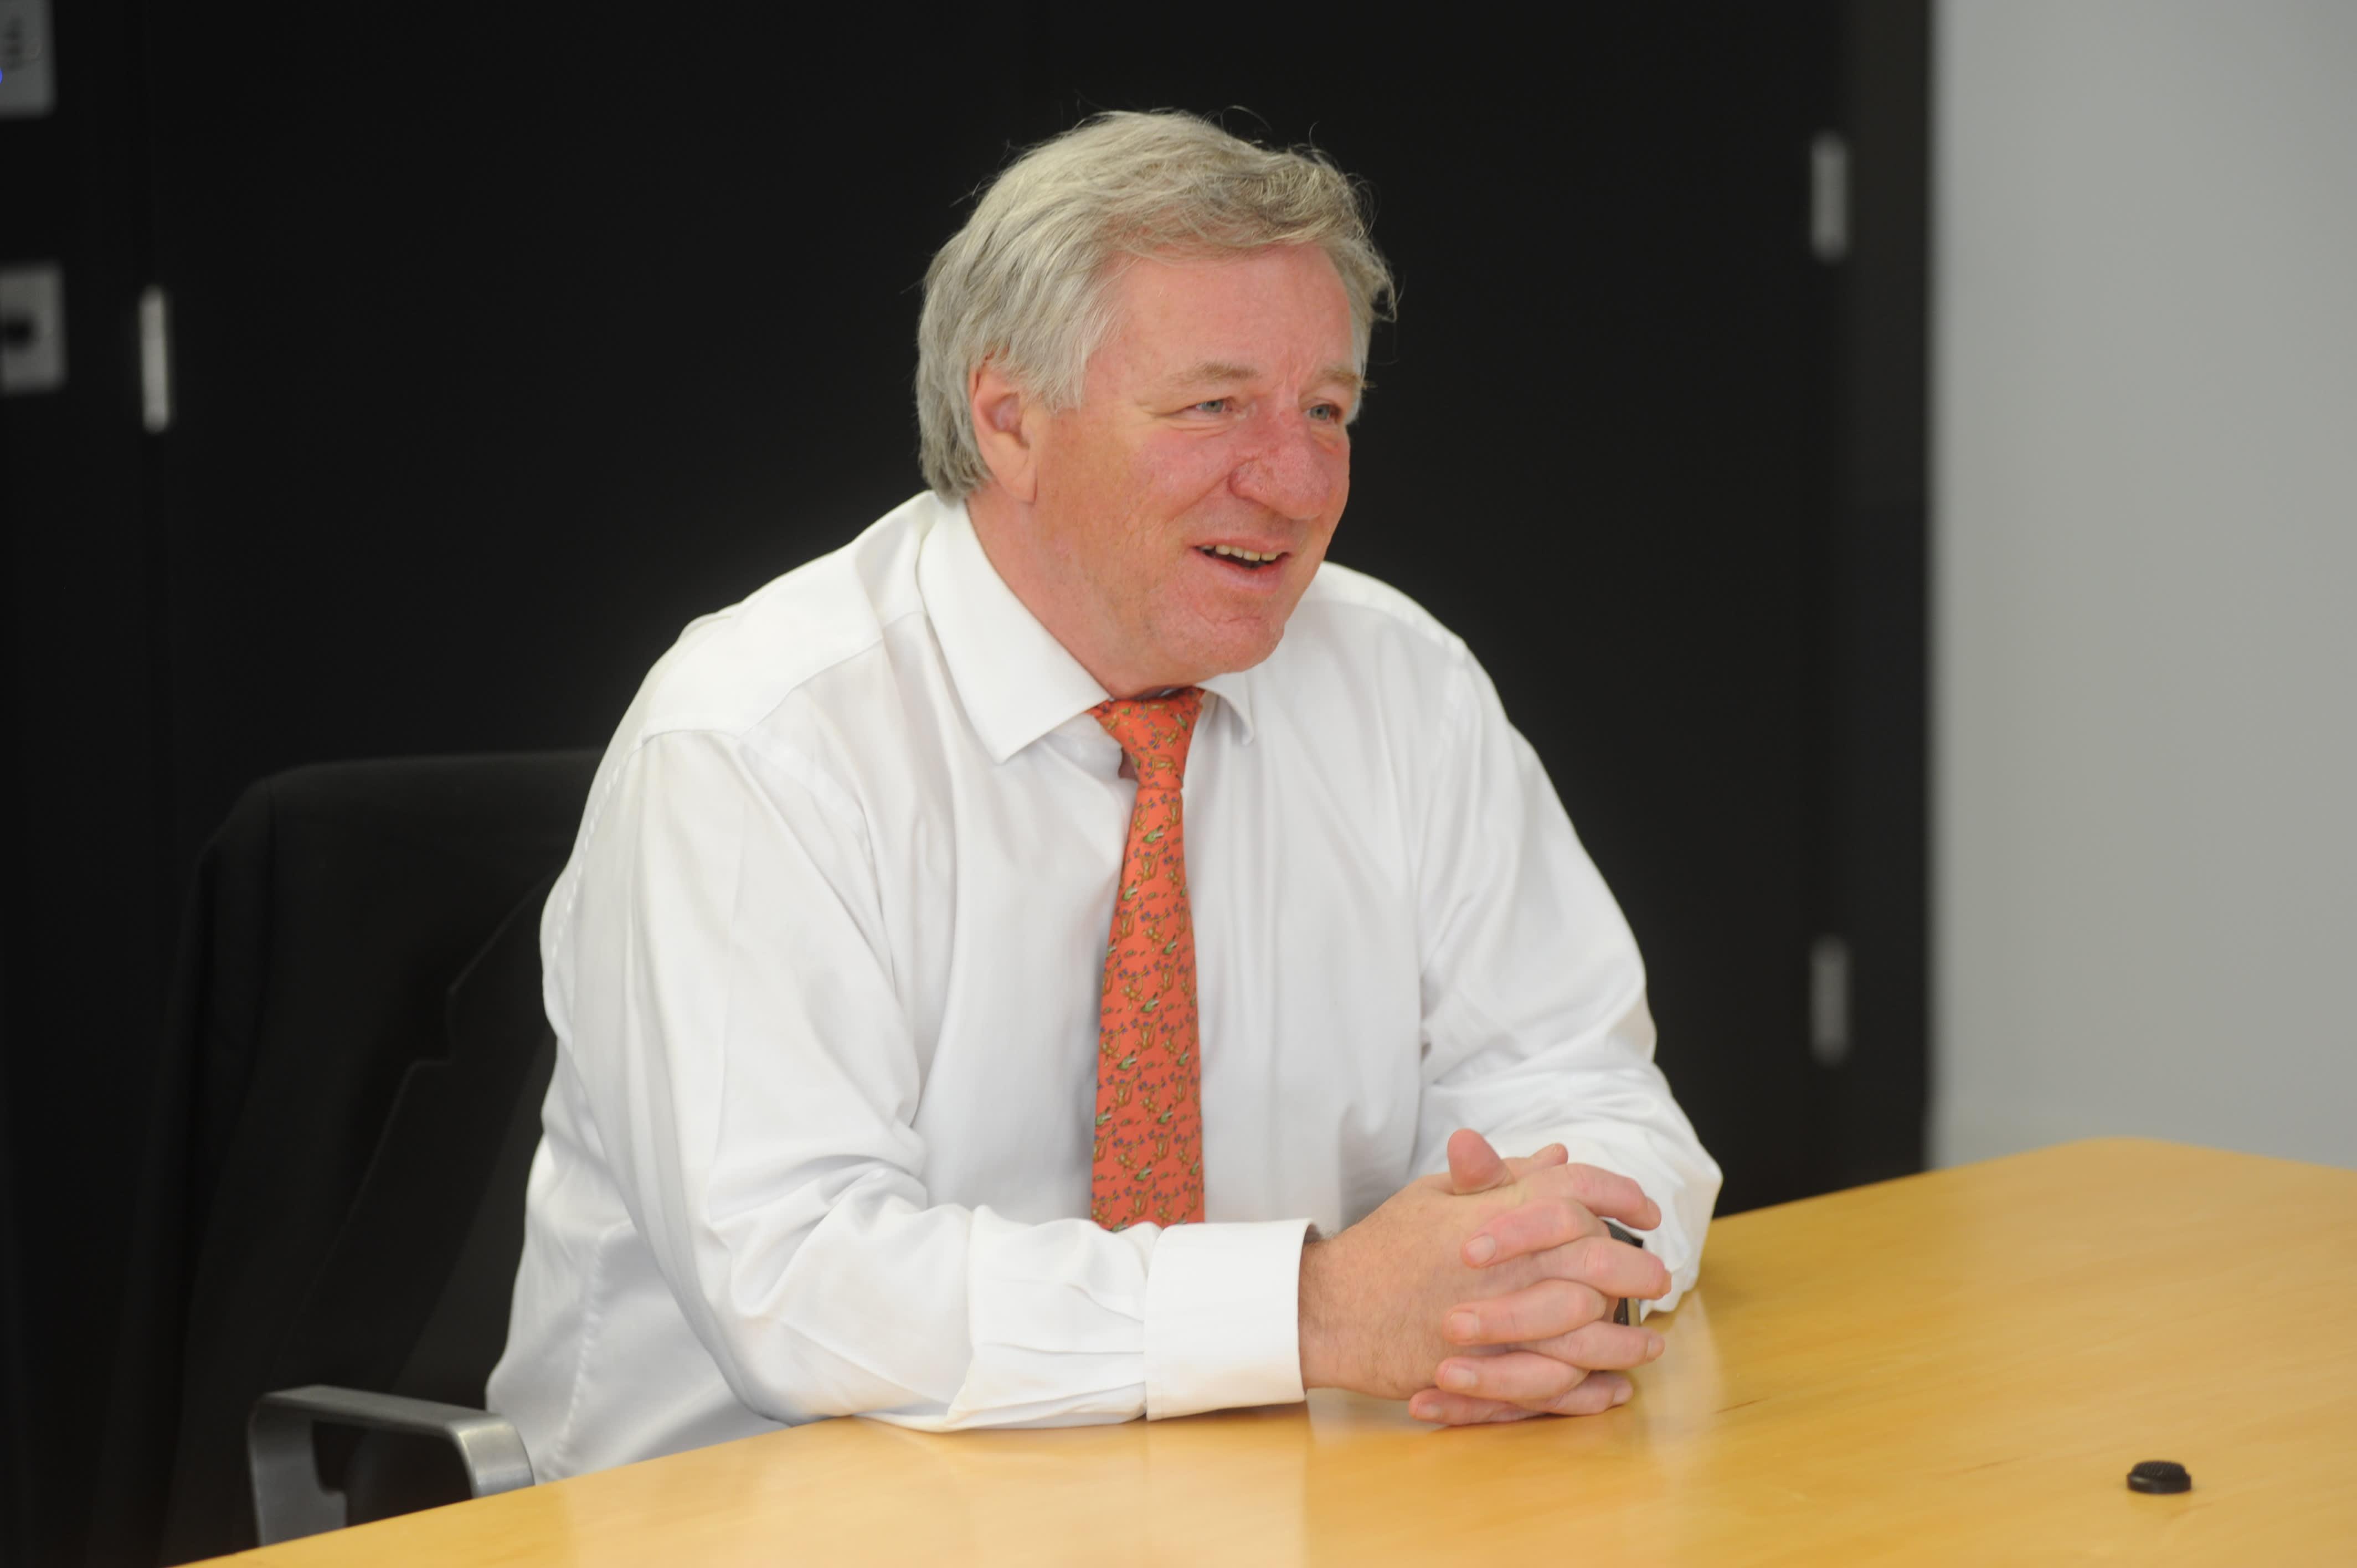 Standard Life Aberdeen's Gilbert joins fintech bank